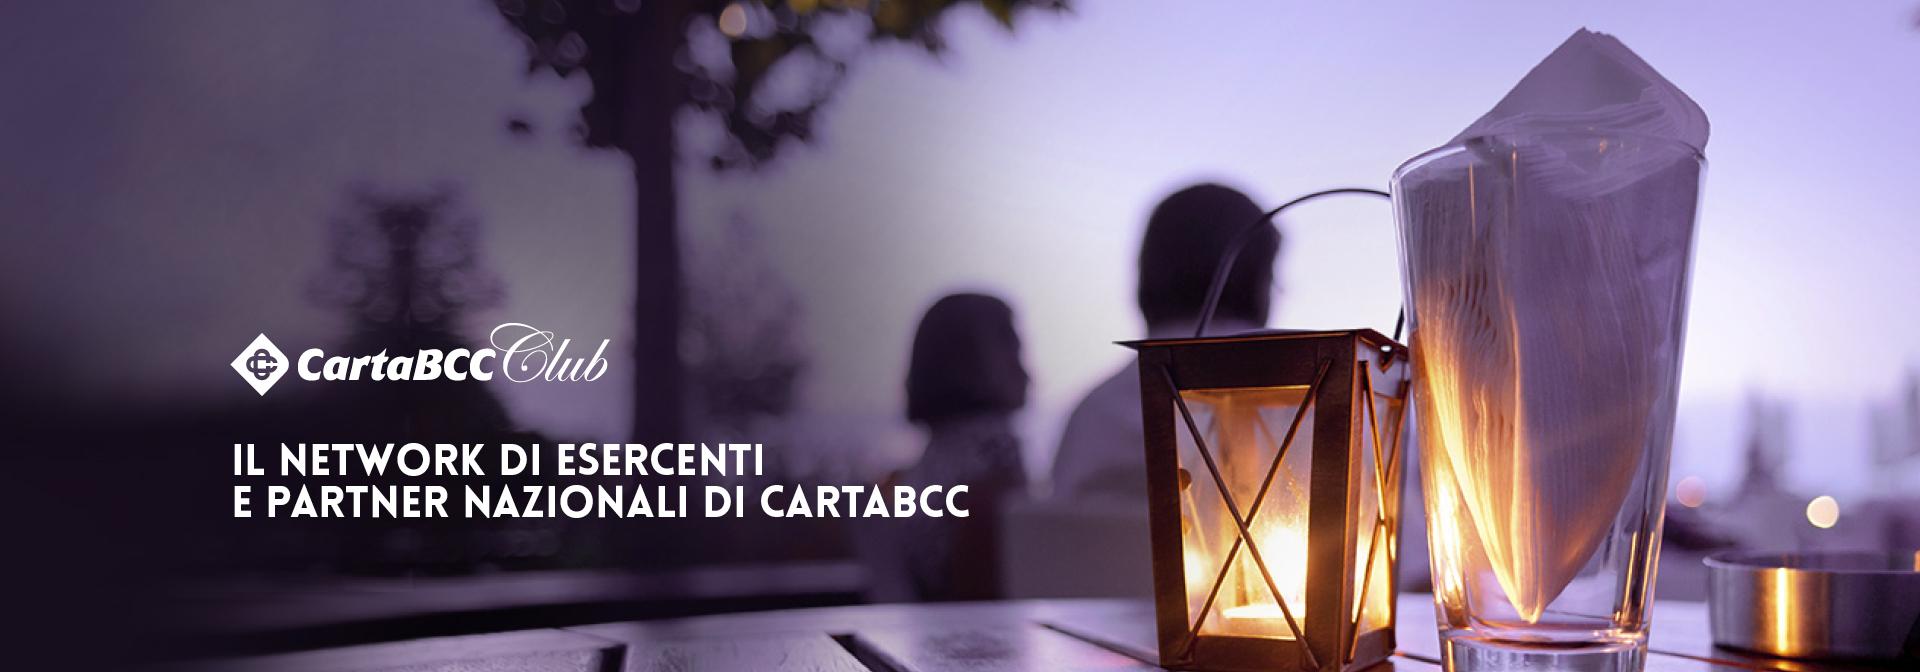 CartaBCC Club